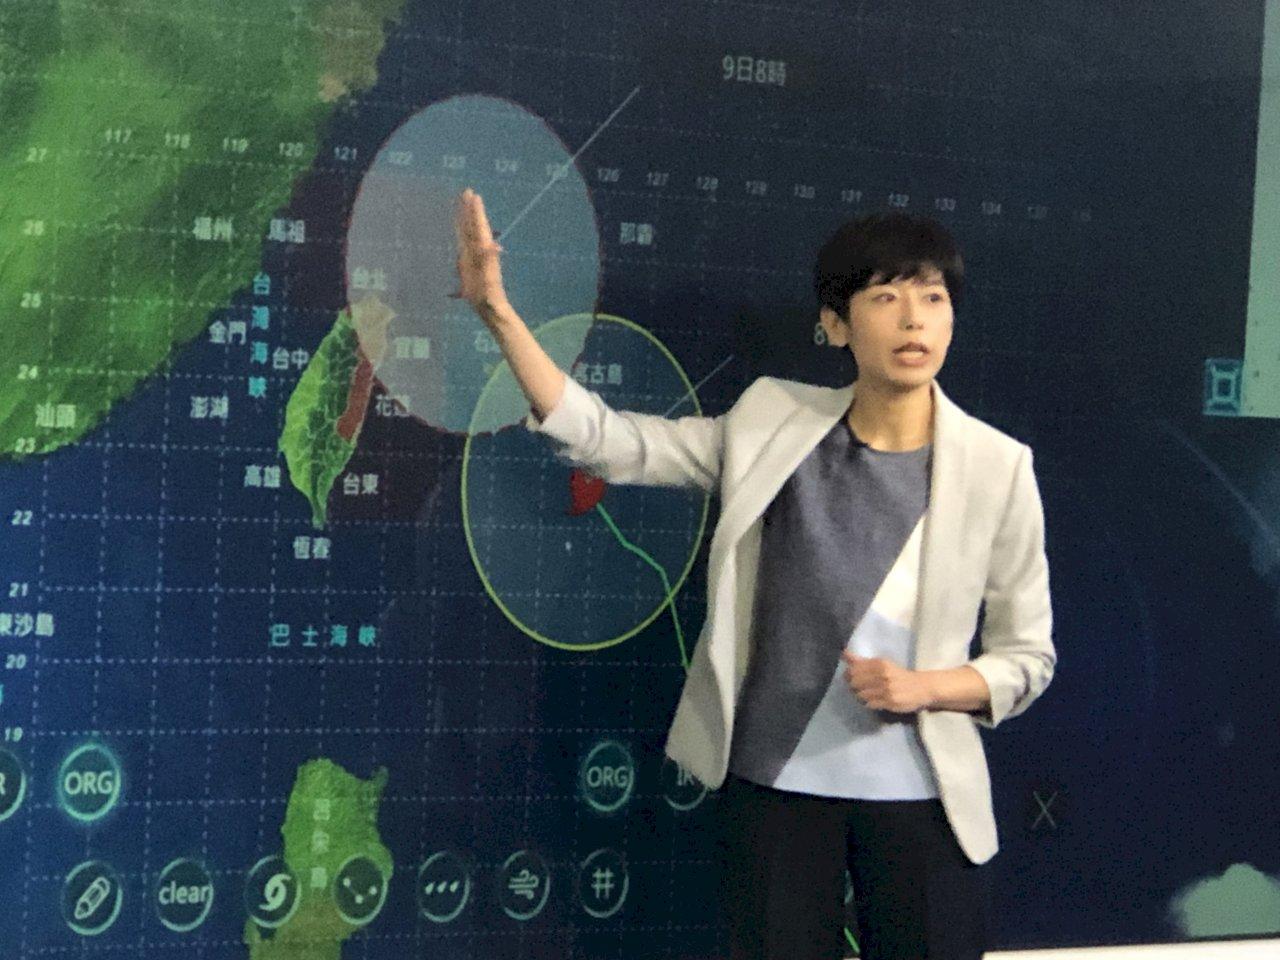 利奇馬轉強颱 陸警8:30發布 北台灣警戒